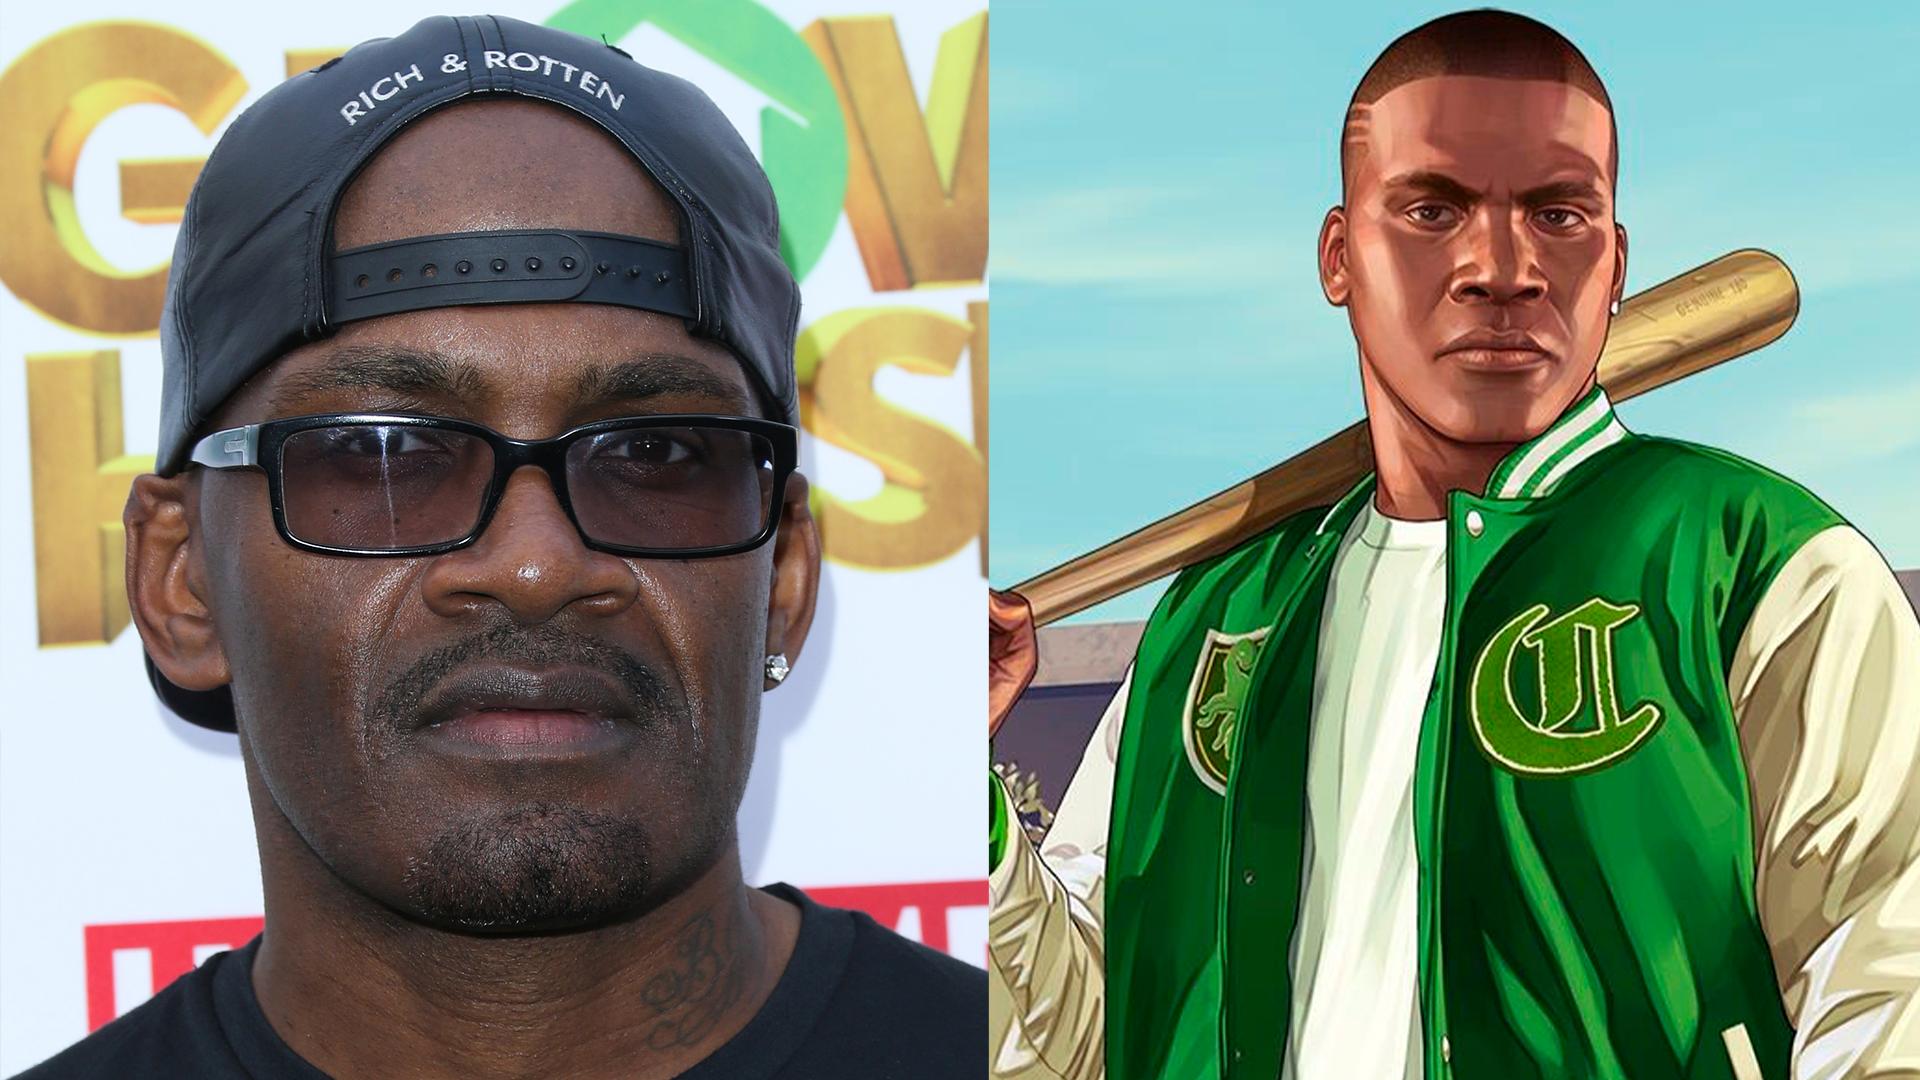 Depois do dublador de CJ em GTA San Andreas ter ficado de cabeça quente com a Rockstar, o seu primo Shawn Fonteno comentou a situação em live.